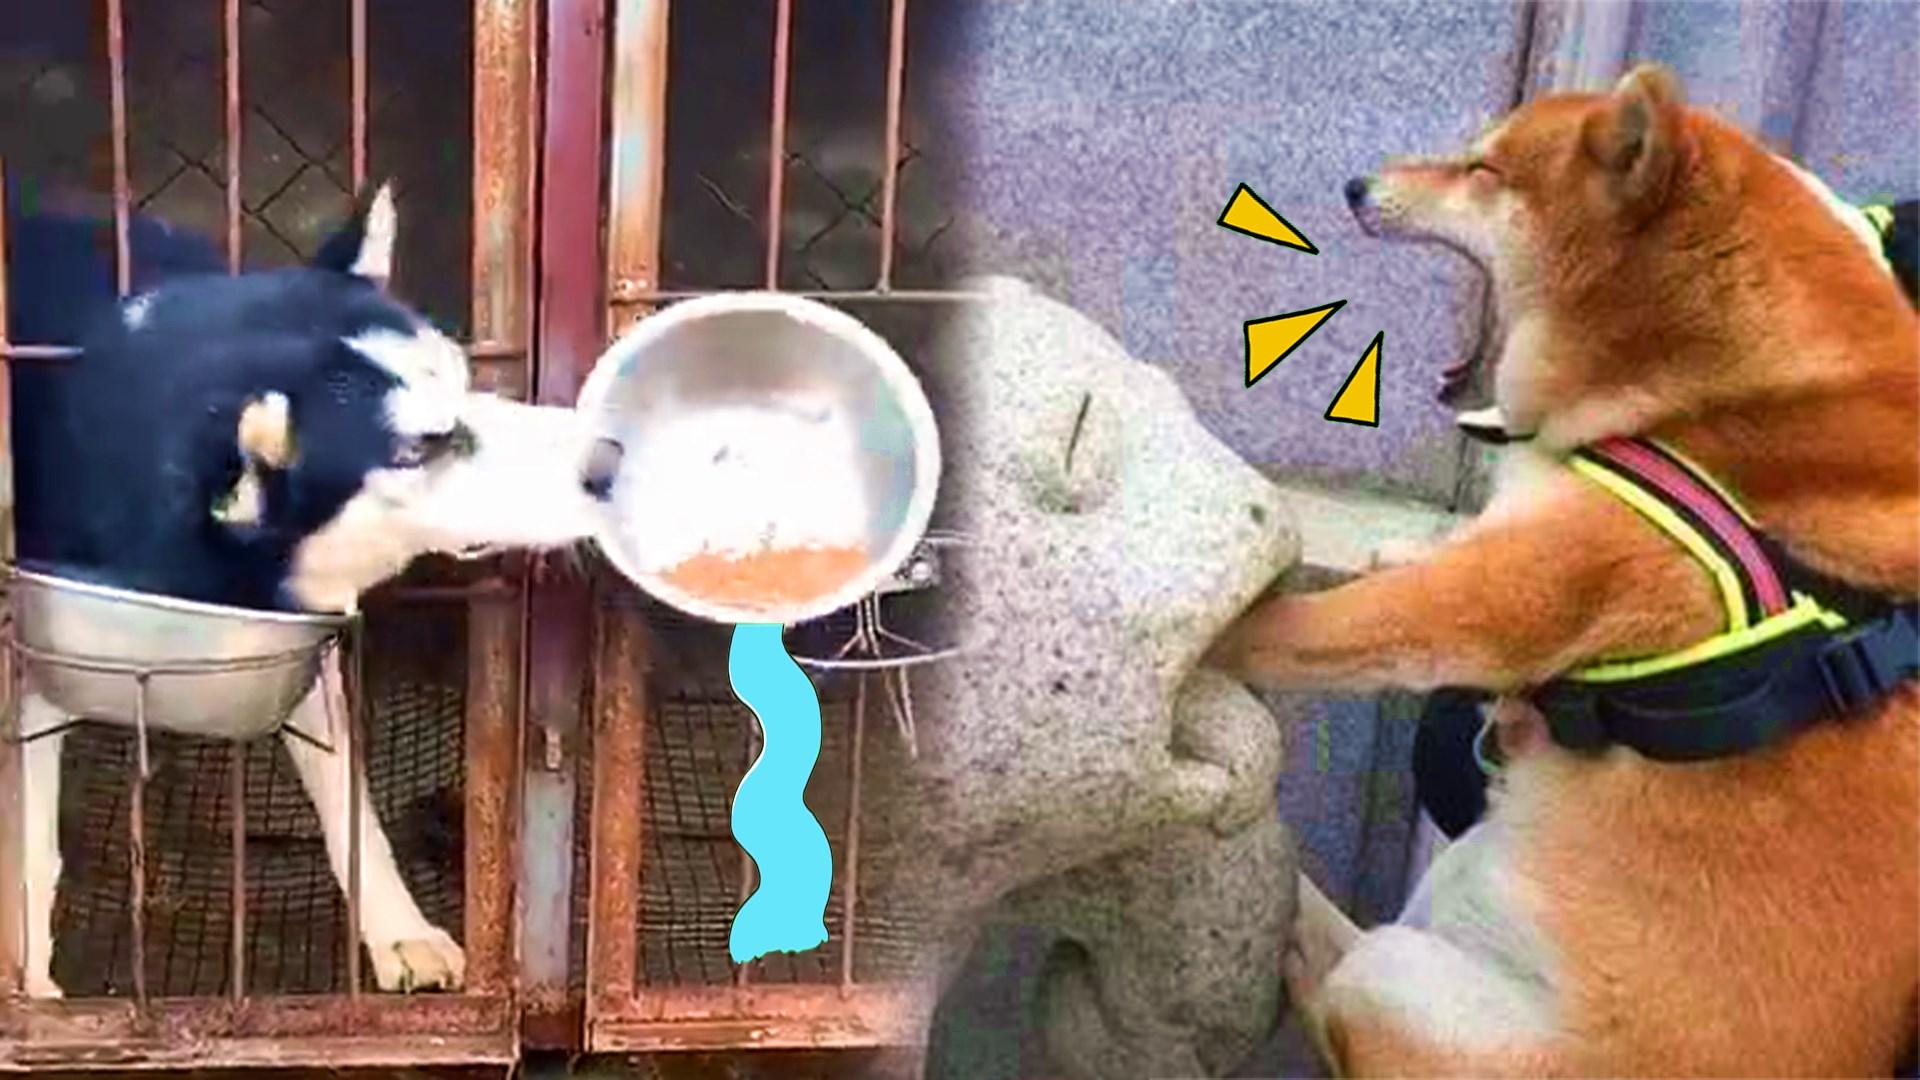 沙雕狗狗合集!小狗狗能有什么坏心思?